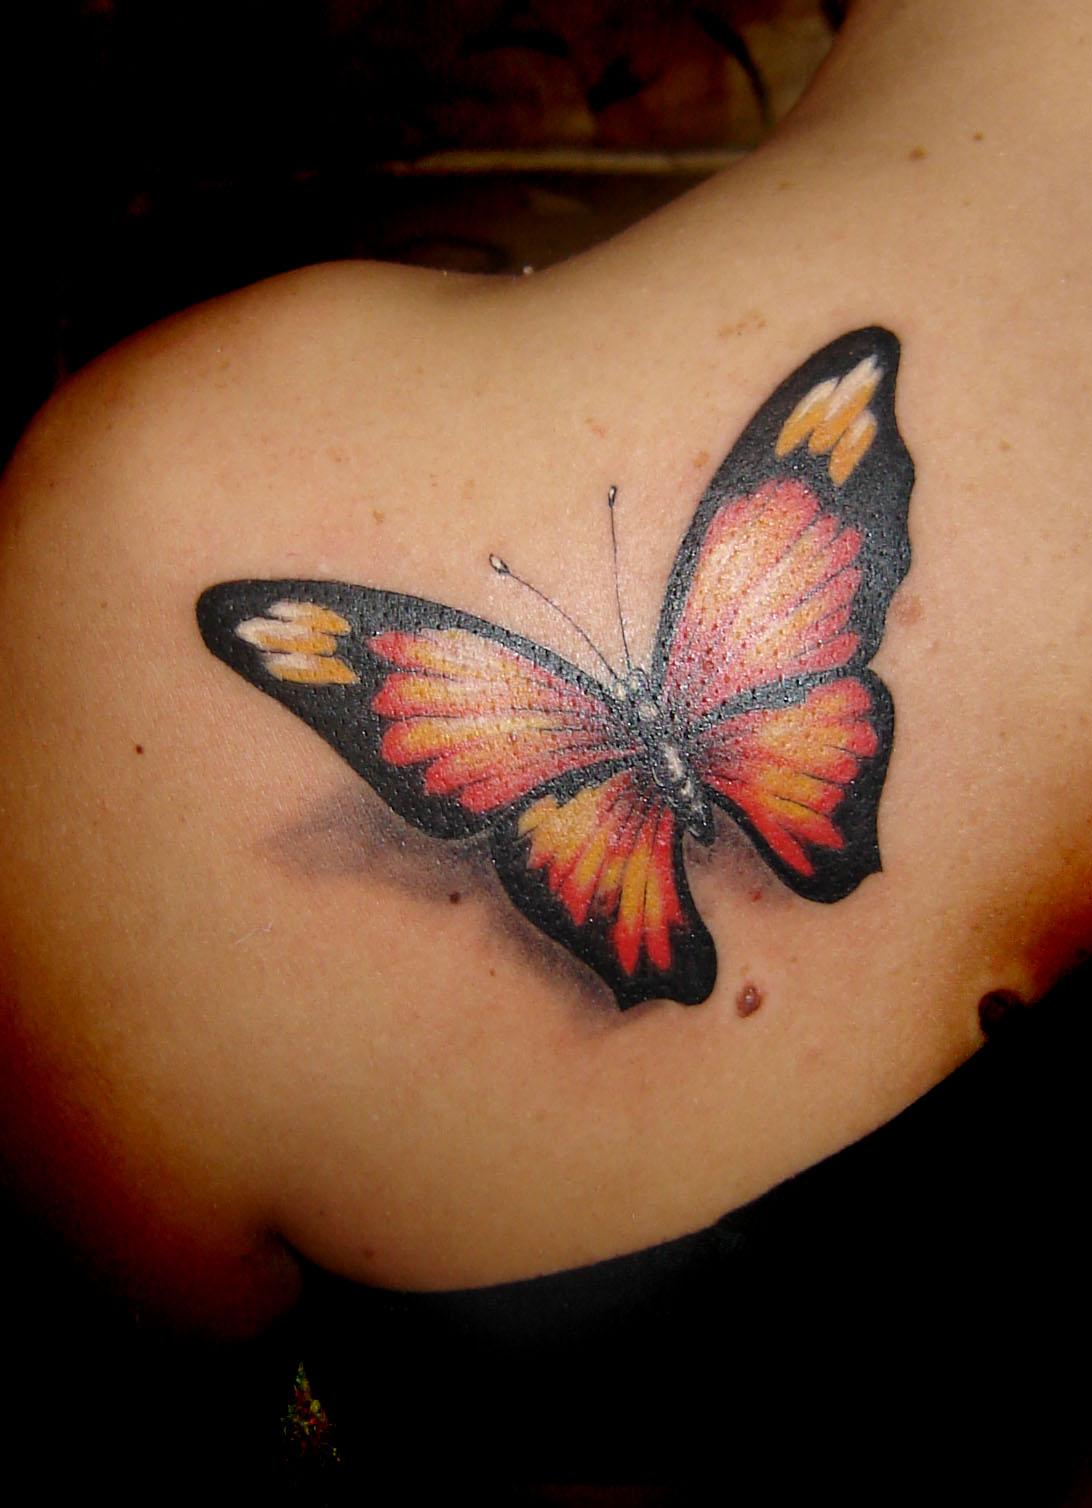 Tattoo Design Ideas: Janina Gavankar: Best Making Tattoos Designs 2012